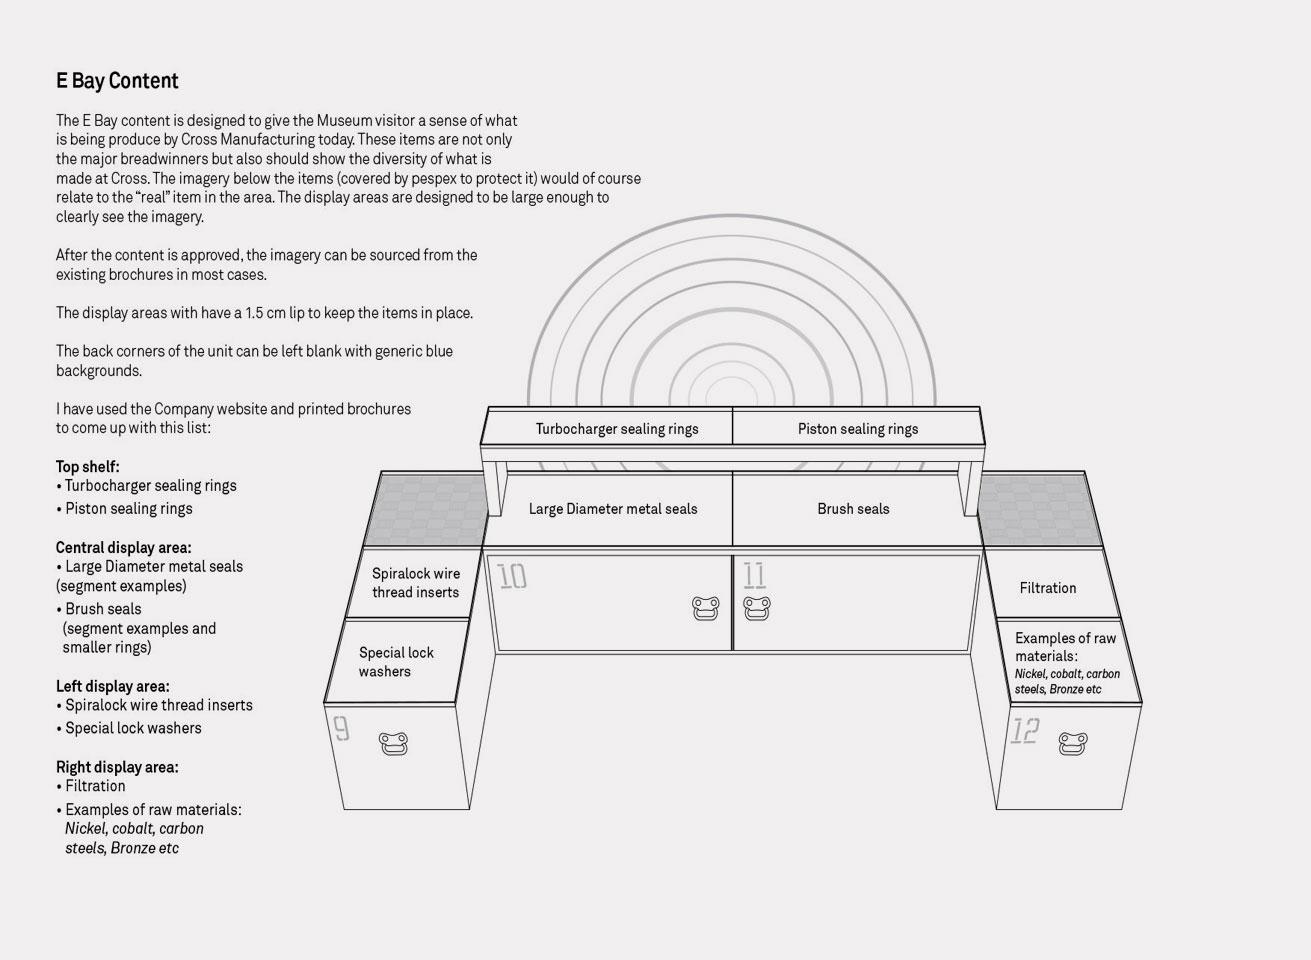 http://www.barryhalldesign.com/wp-content/uploads/2020/12/1311x711_Cross_2a.jpg